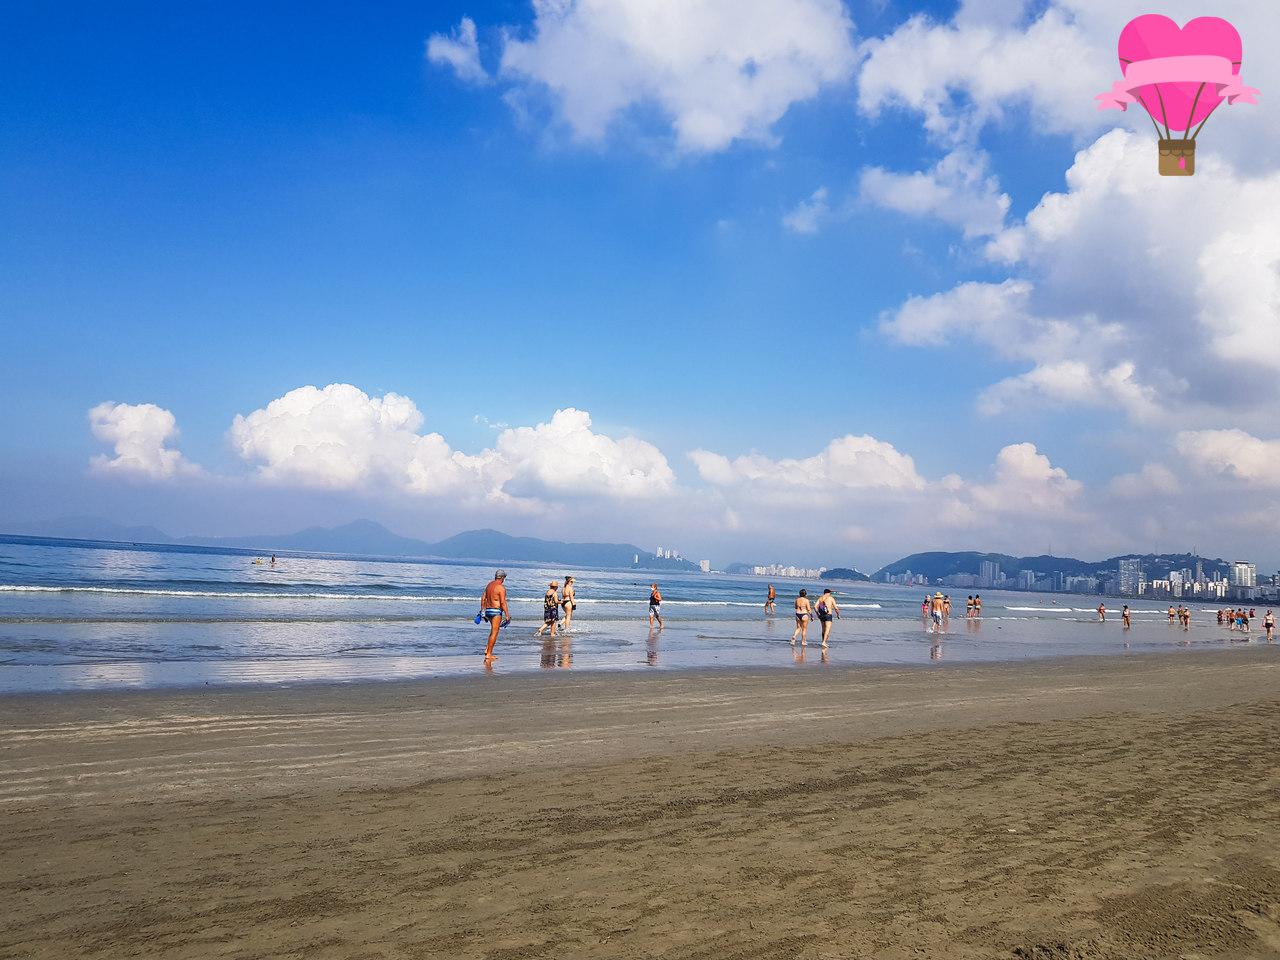 praia-aparecida-santos-sp